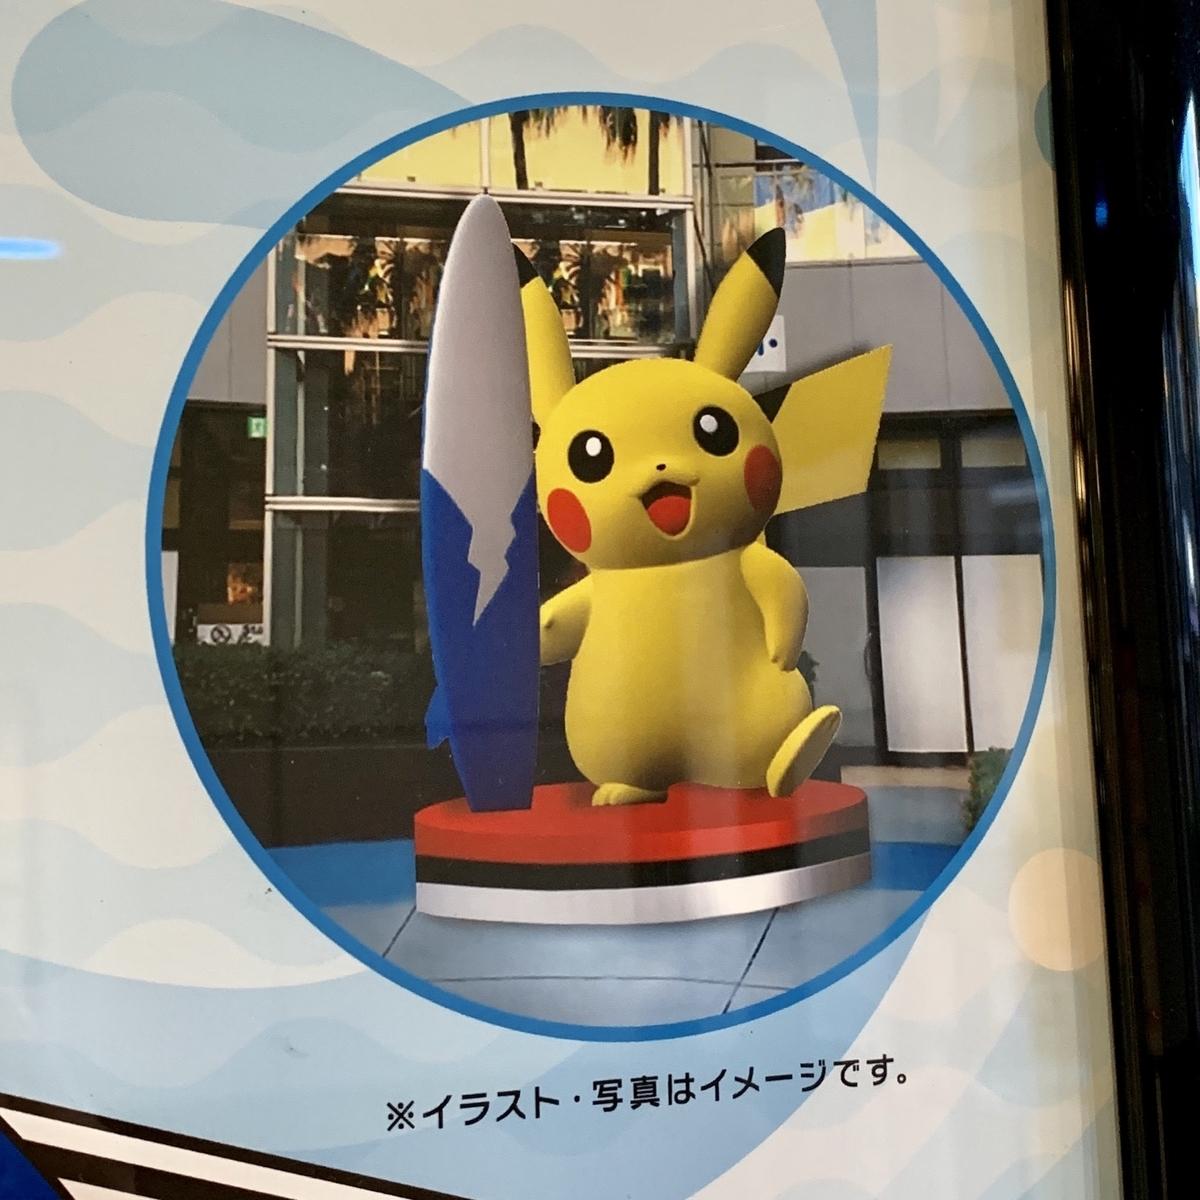 f:id:pikachu_pcn:20191229230539j:plain